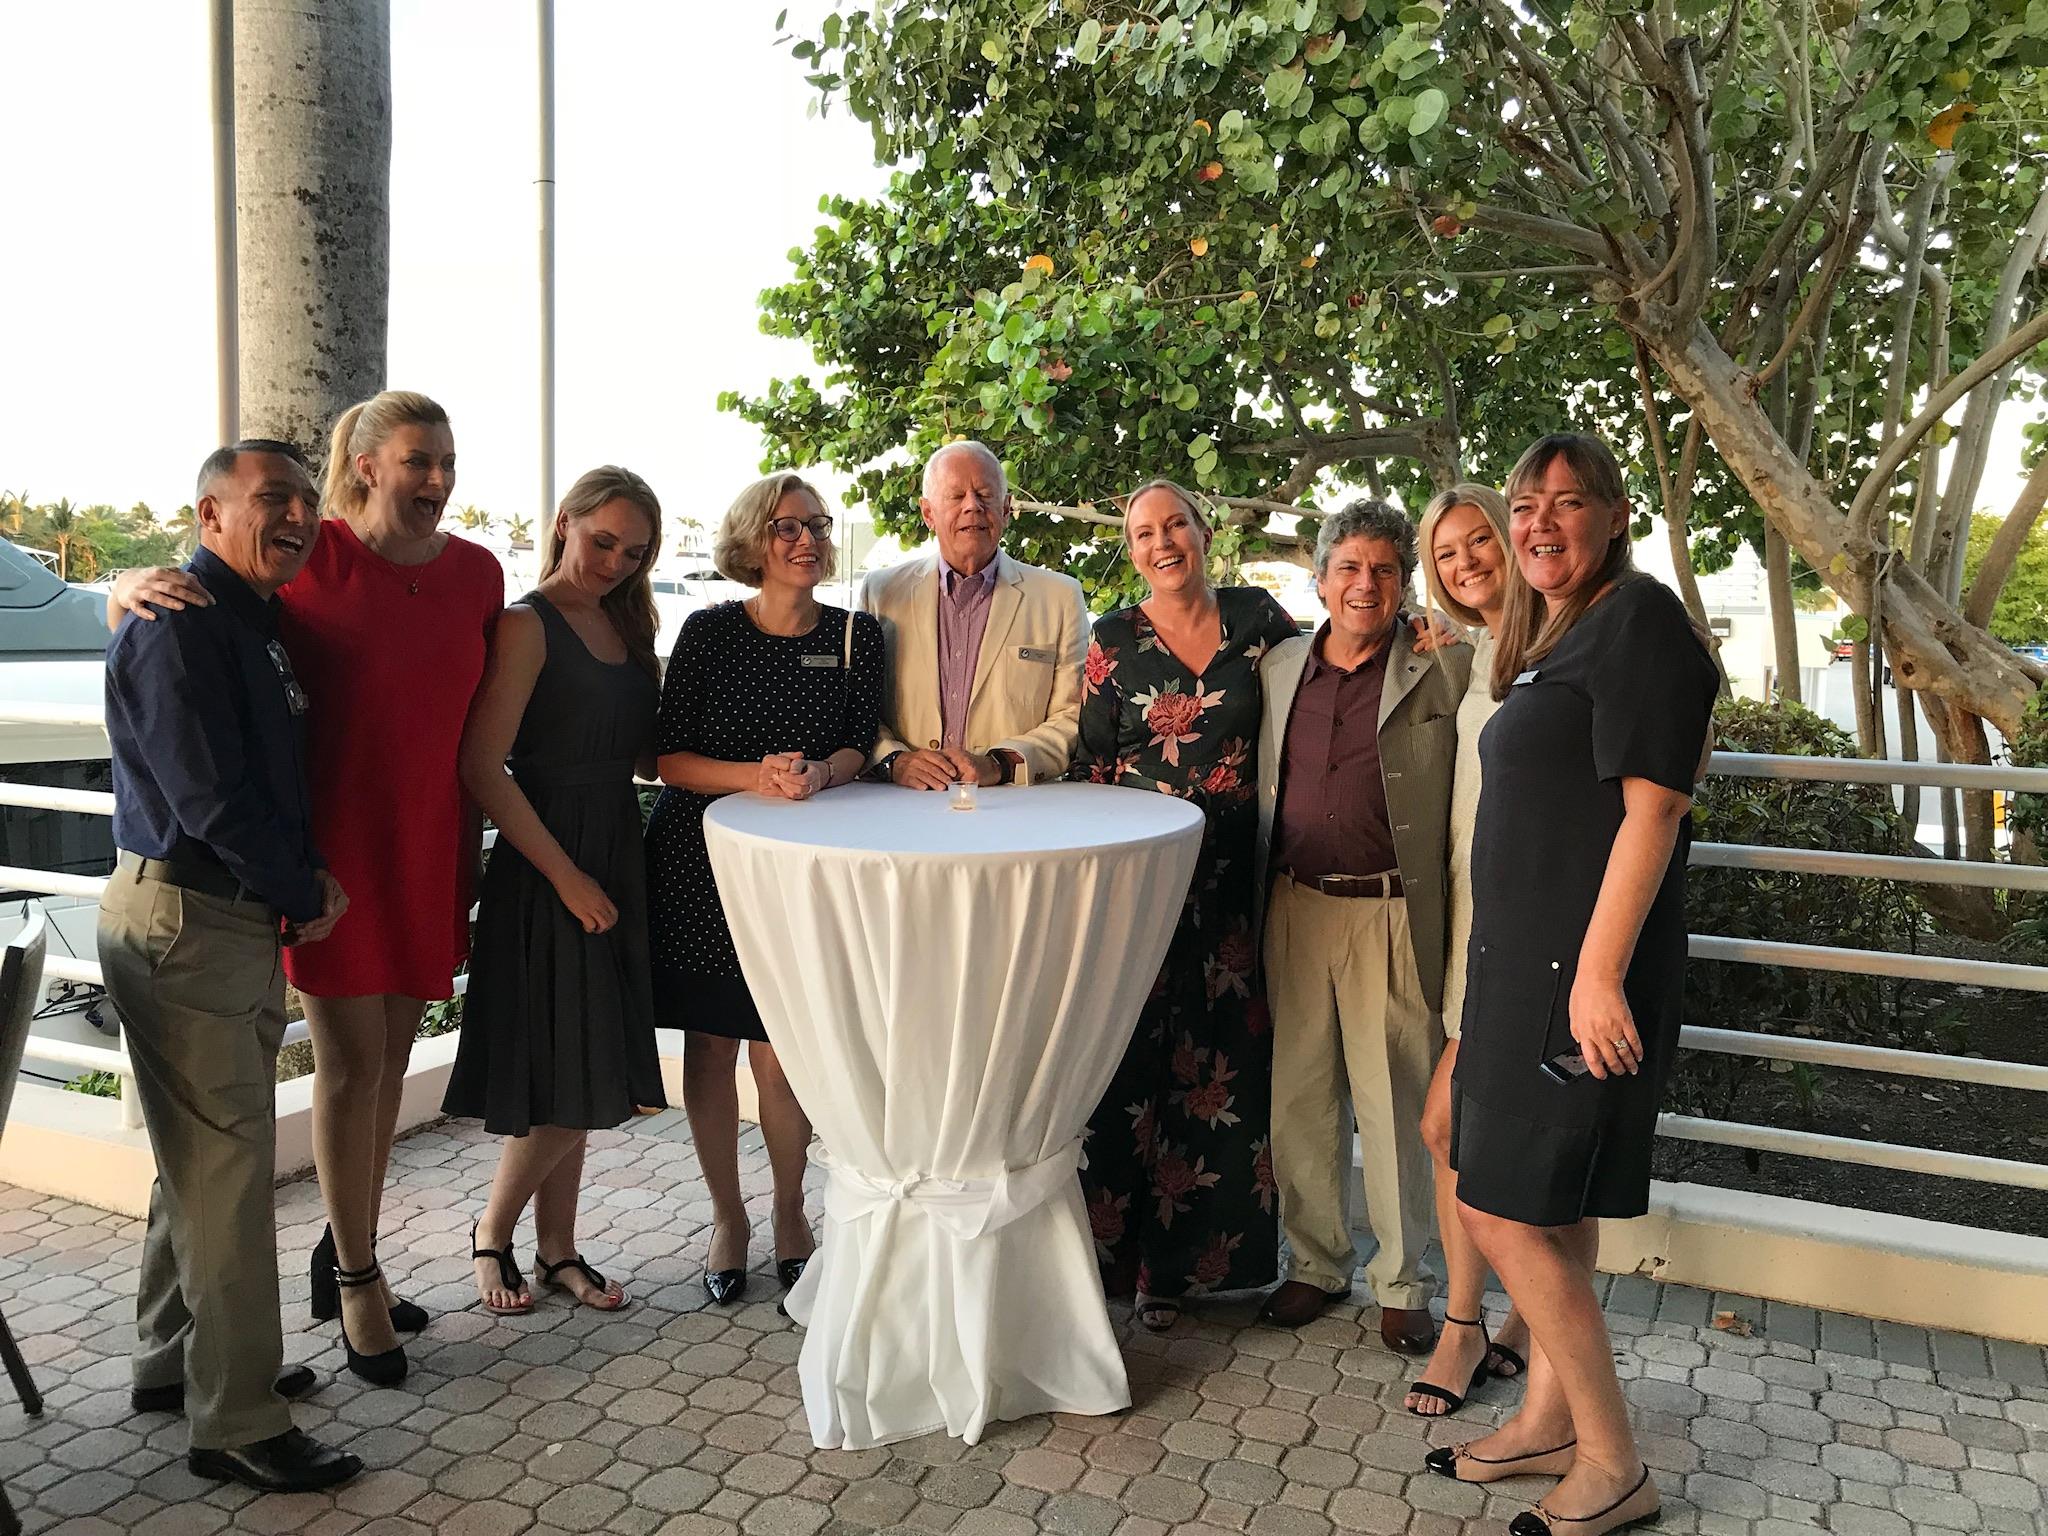 DMC`s repræsentanter på Seatrade Messen i Florida repræsenterende Danmark, Norge, Sverige, Estland og Chile med Jens Elers i midten (Foto: Privatfoto)